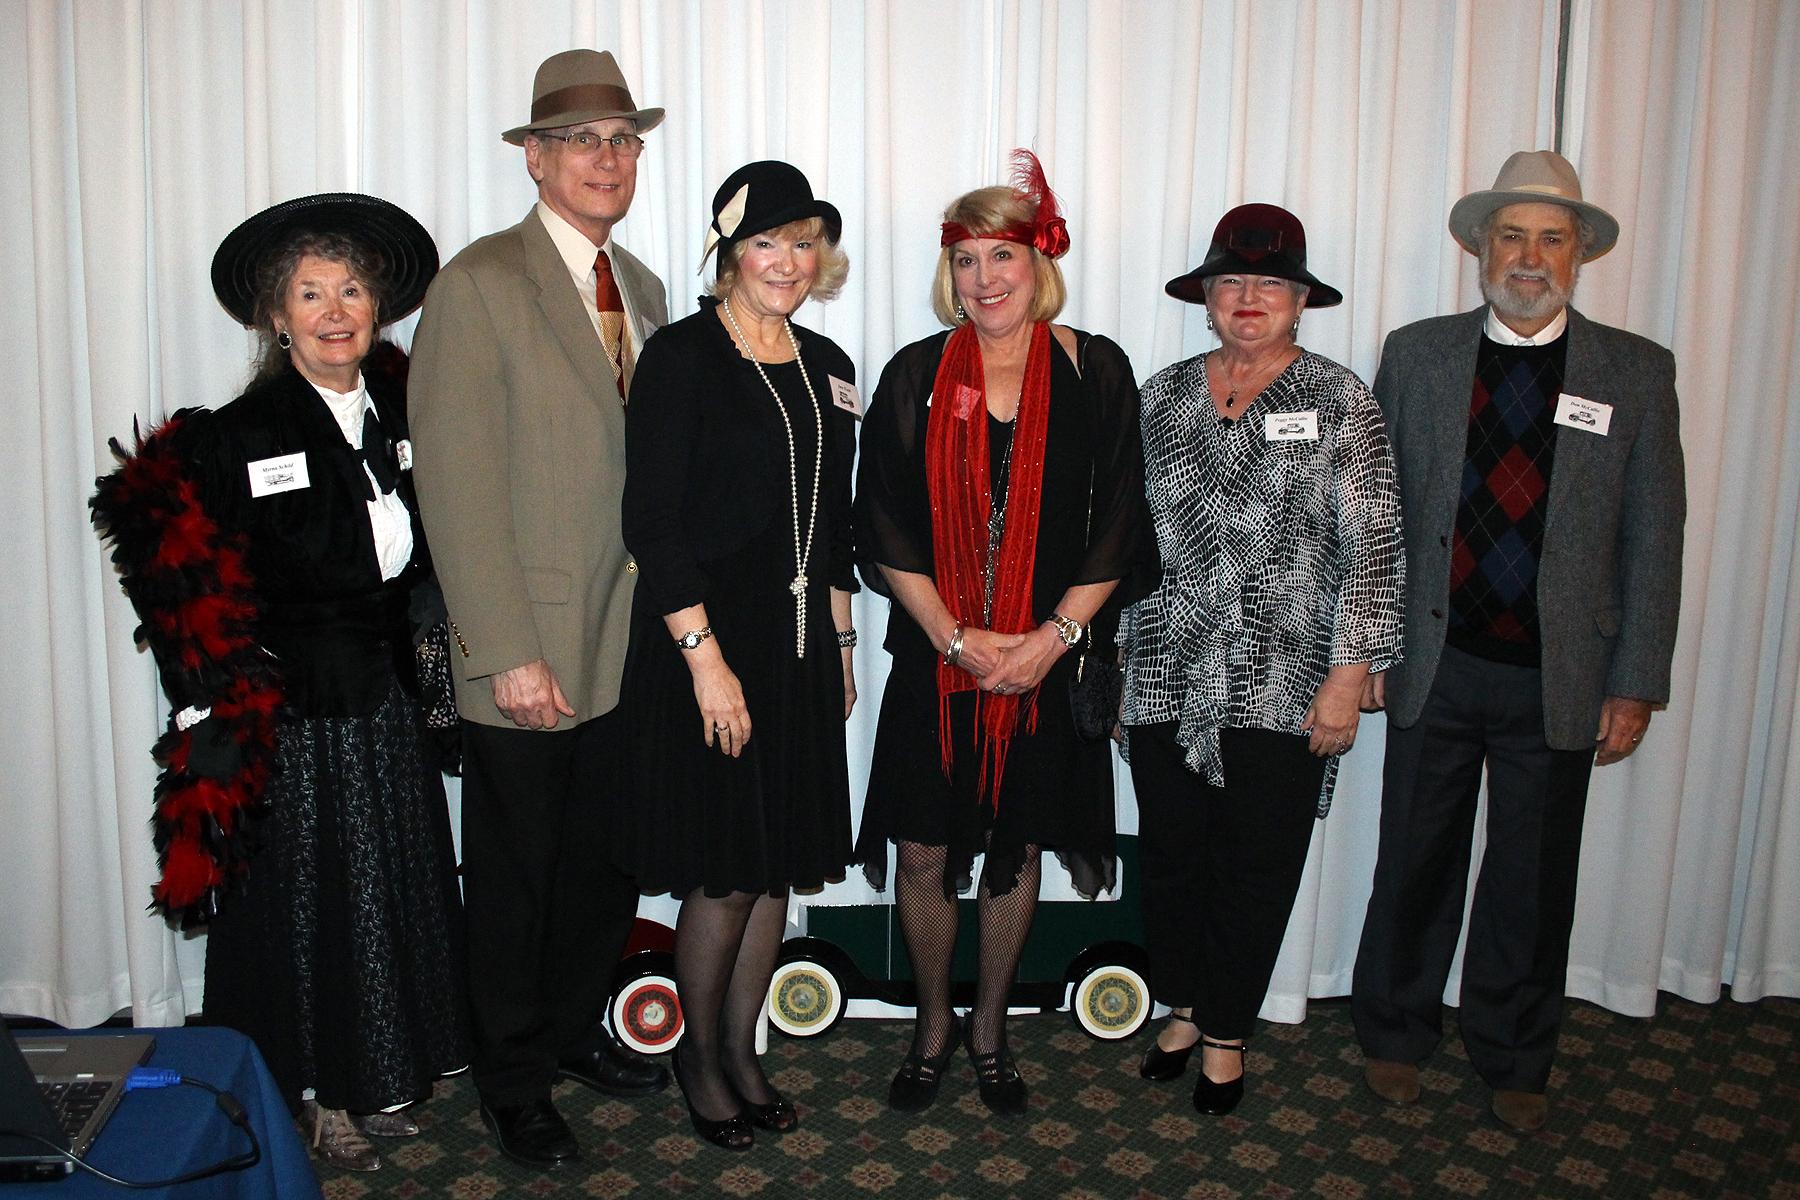 Era fashionistas: Myrna Schild, Gene Roehl, Jane Roehl, Nancy Yates, Peggy McCallie and Don McCallie